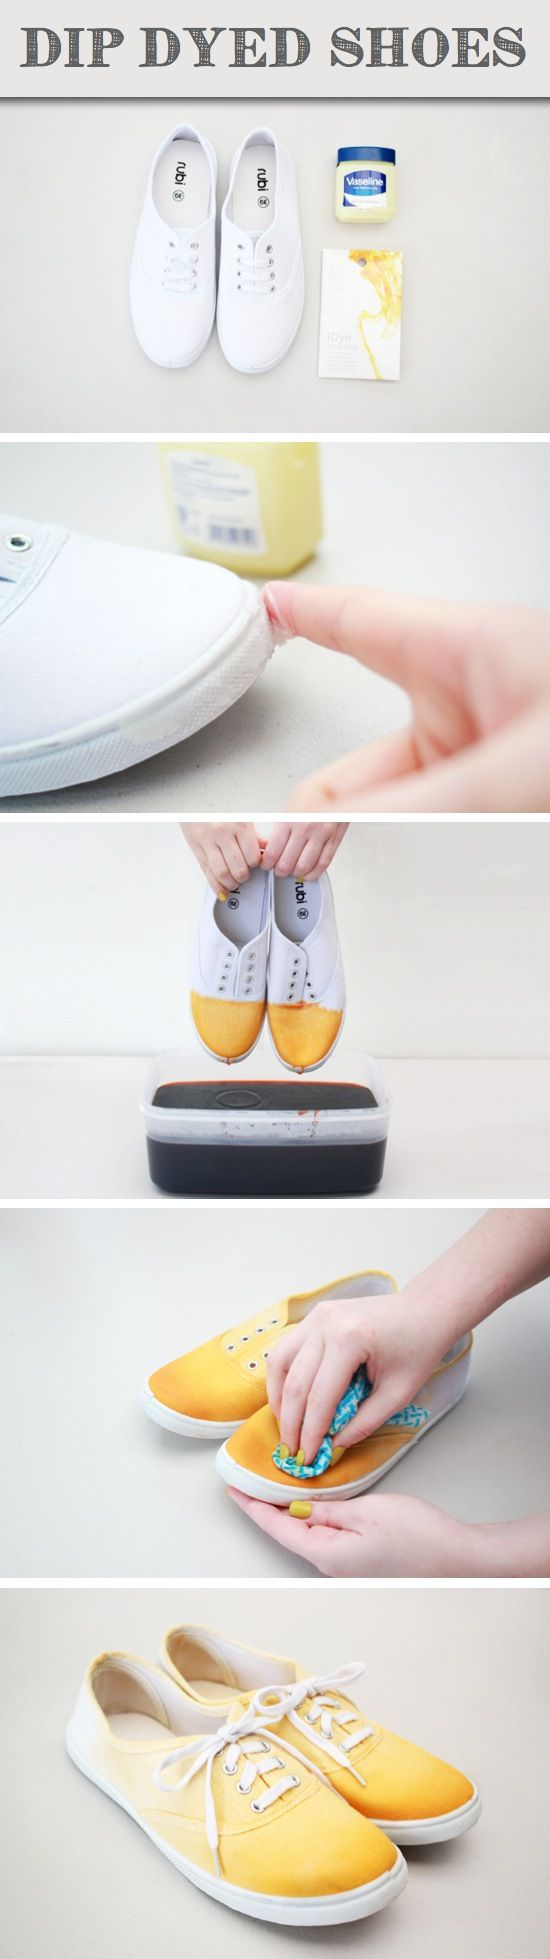 Voilà une idée pour faire un tie & dye de couleur sur vos chaussures (vous pouvez aussi le faire avec une autre couleur de votre choix ) :)